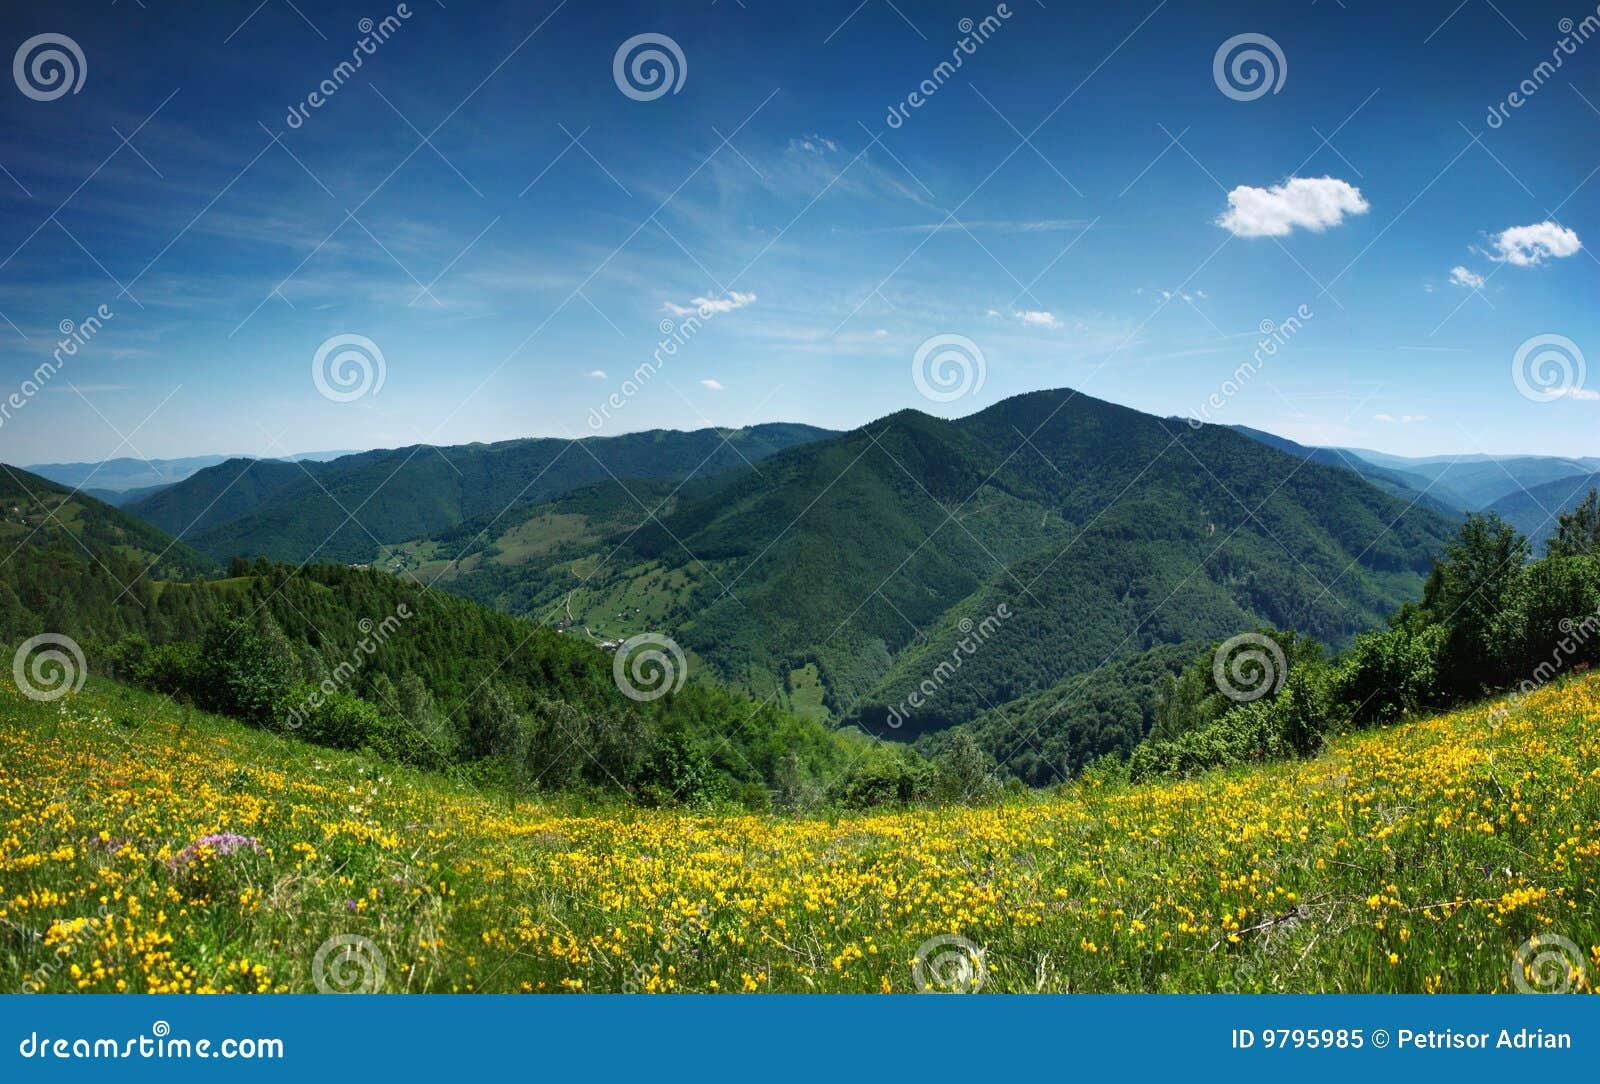 Gebirgslandschaftspanorama, Schönheit der Natur